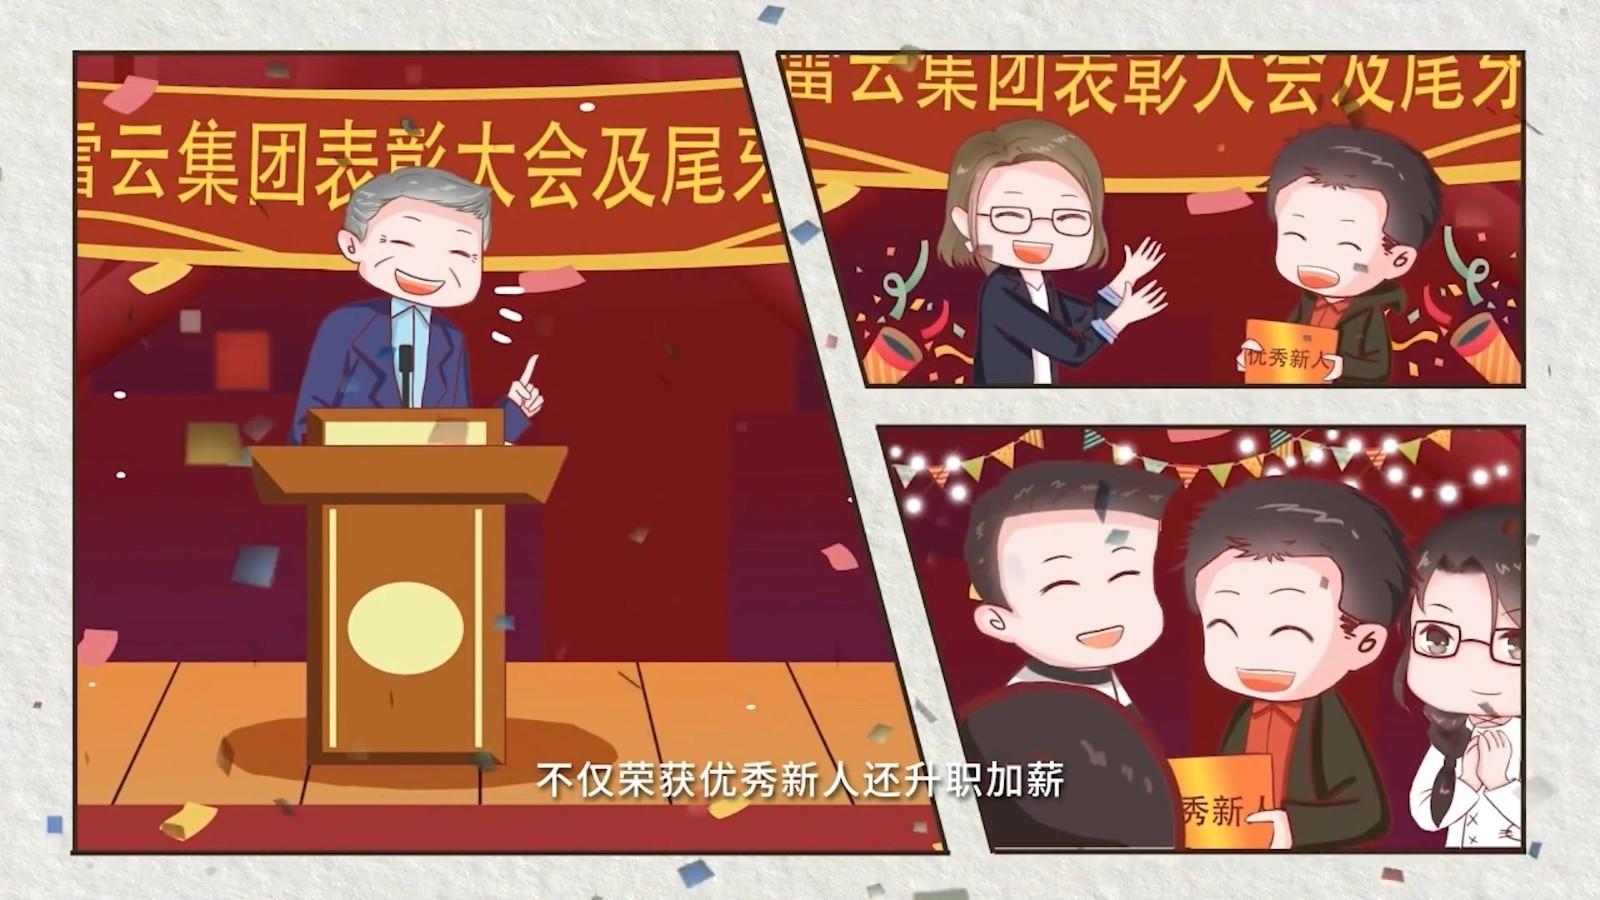 高能电玩节:国产游戏《职场浮生记》最新宣传片插图13